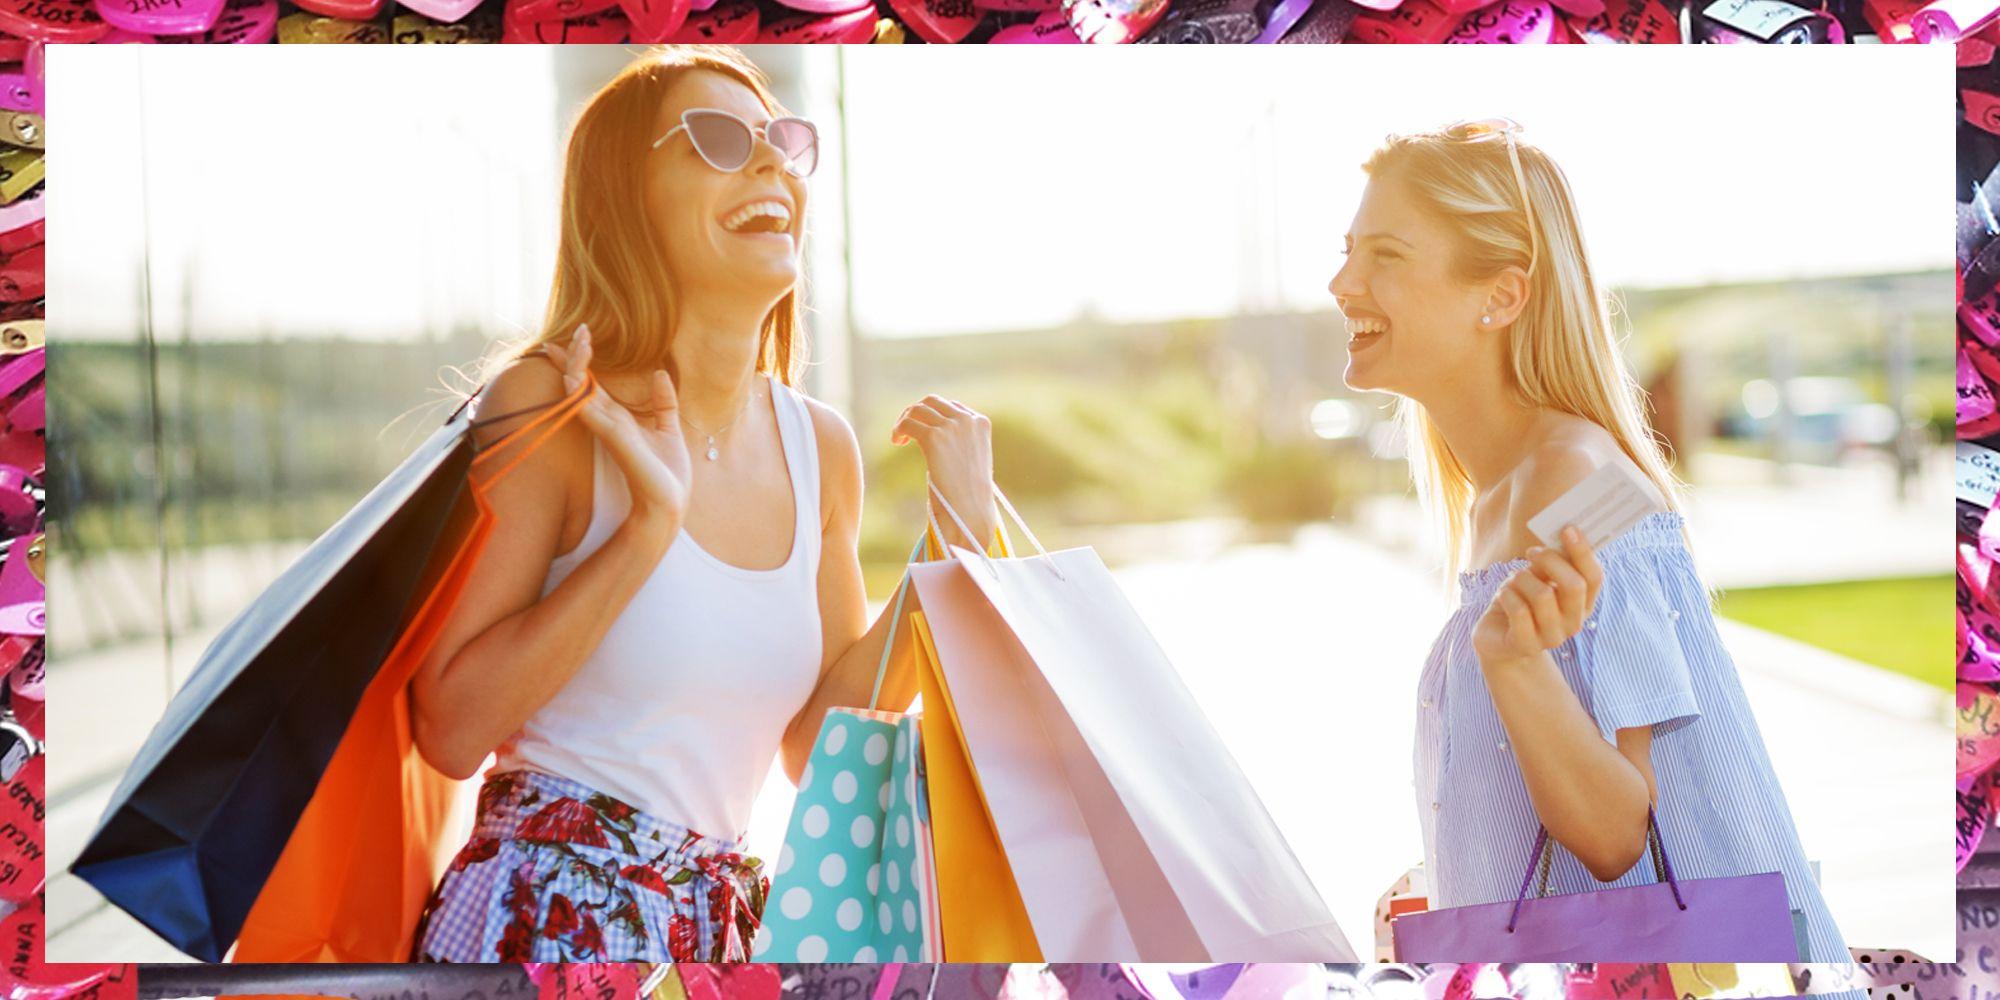 Verona è la meta giusta per fare shopping, ci sono negozi interessanti, brand da scoprire e soprattutto è bellissima da girare quando sei in giro con le amiche e lo shopping offline torna ad essere cool.